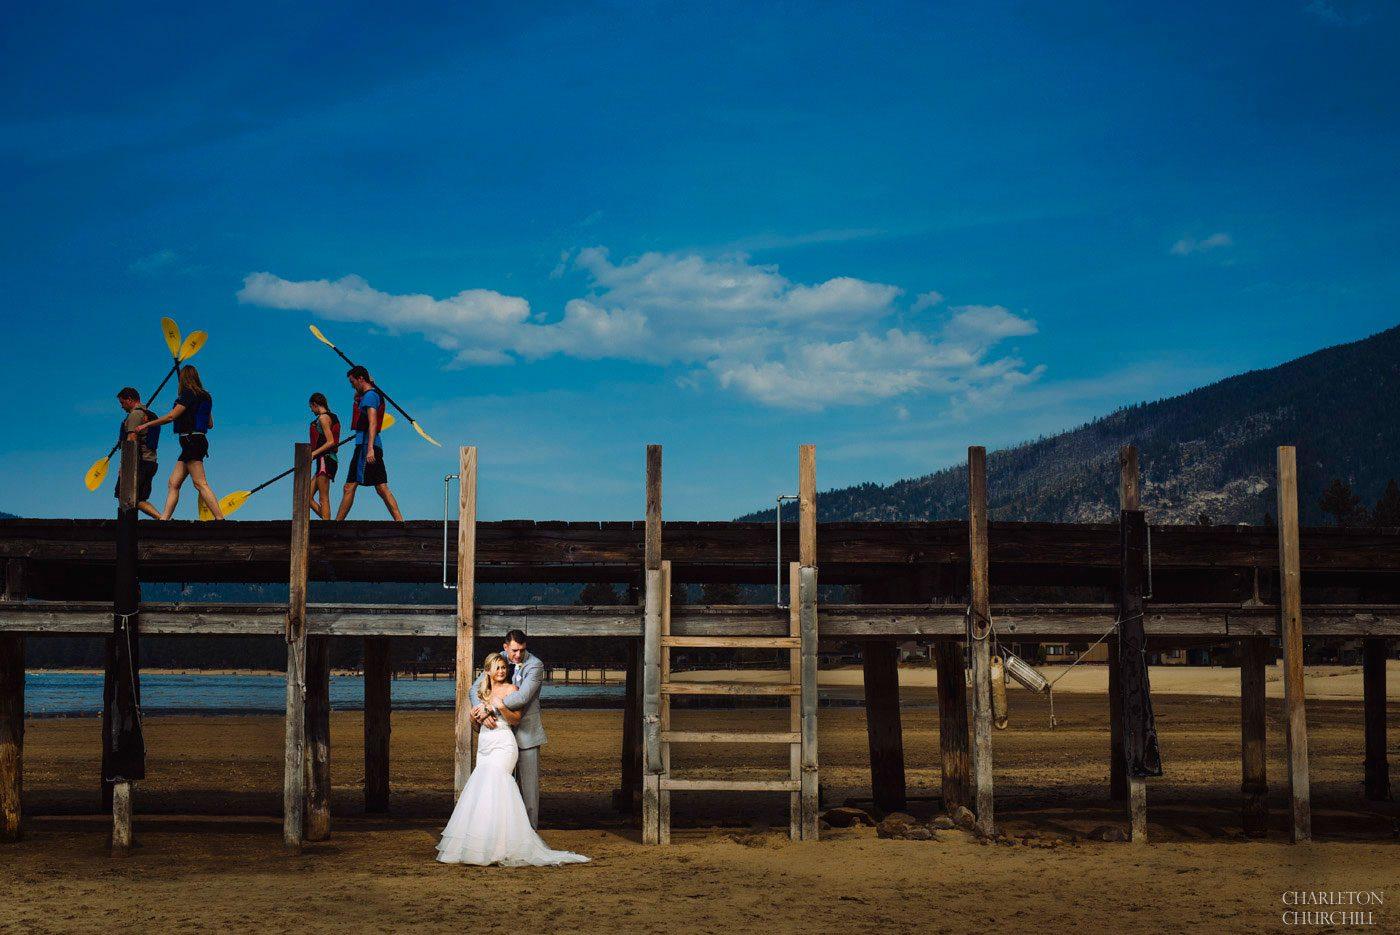 tahoe wedding photography of couple on dock overlooking the blue lake